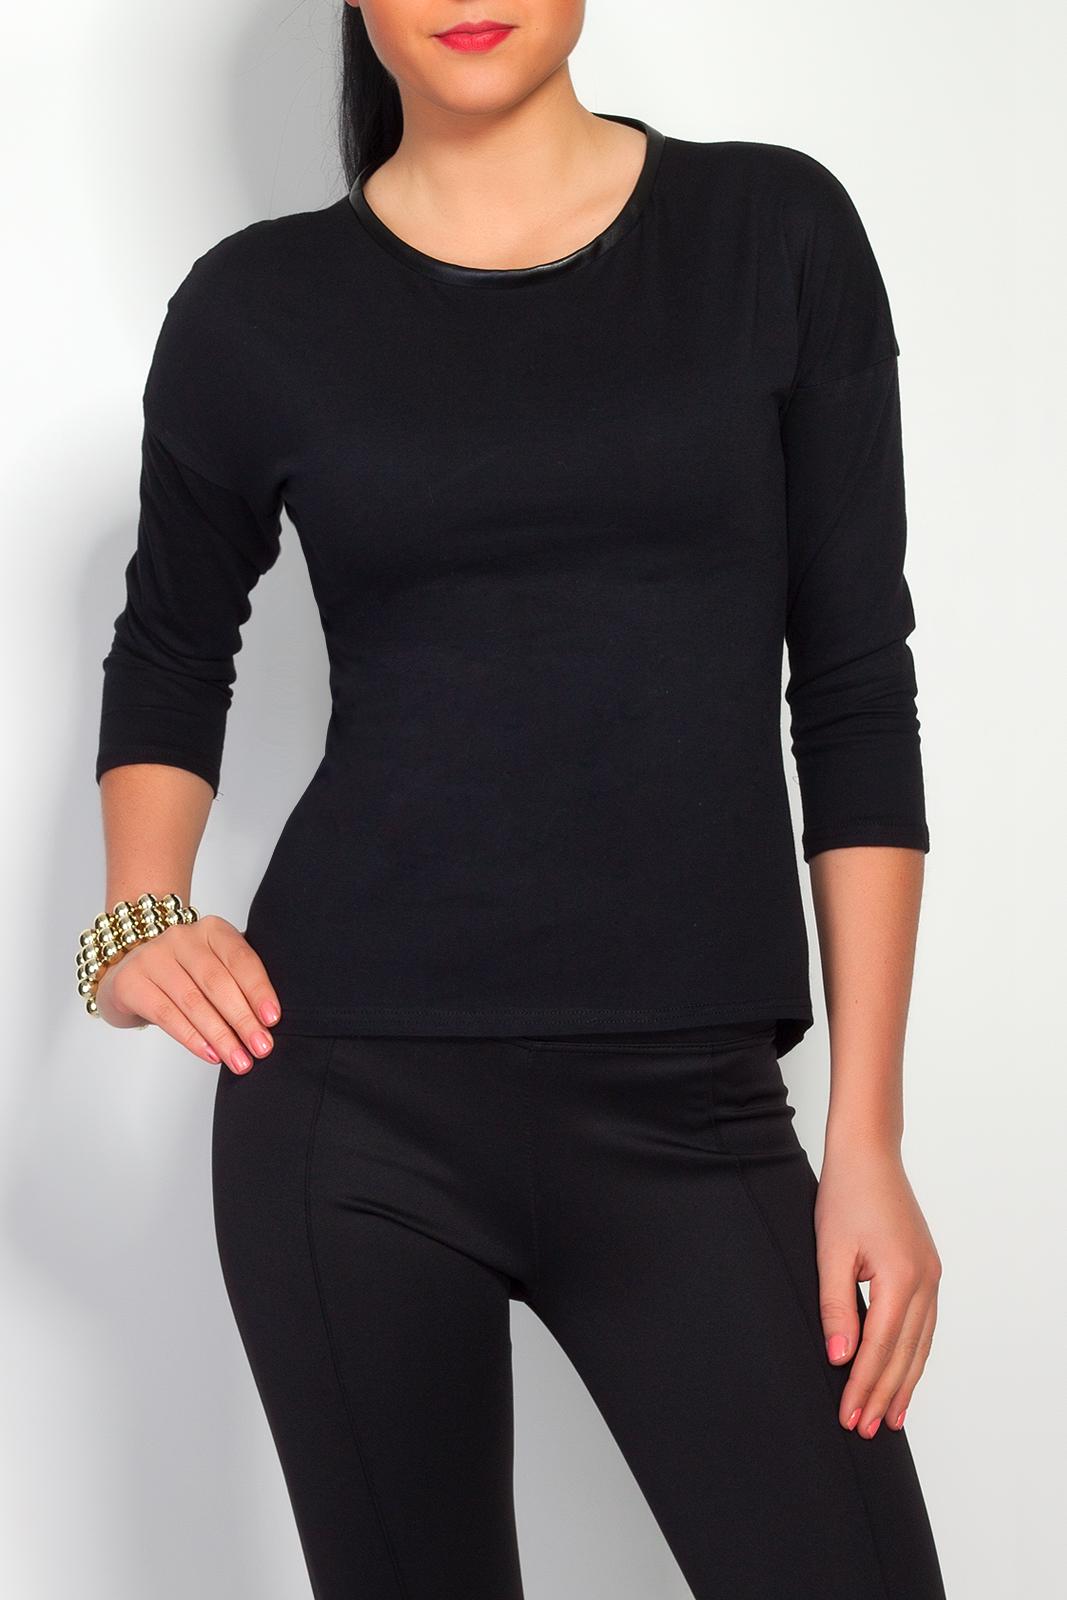 Bavlněné triko se zipem, černá, jednotná